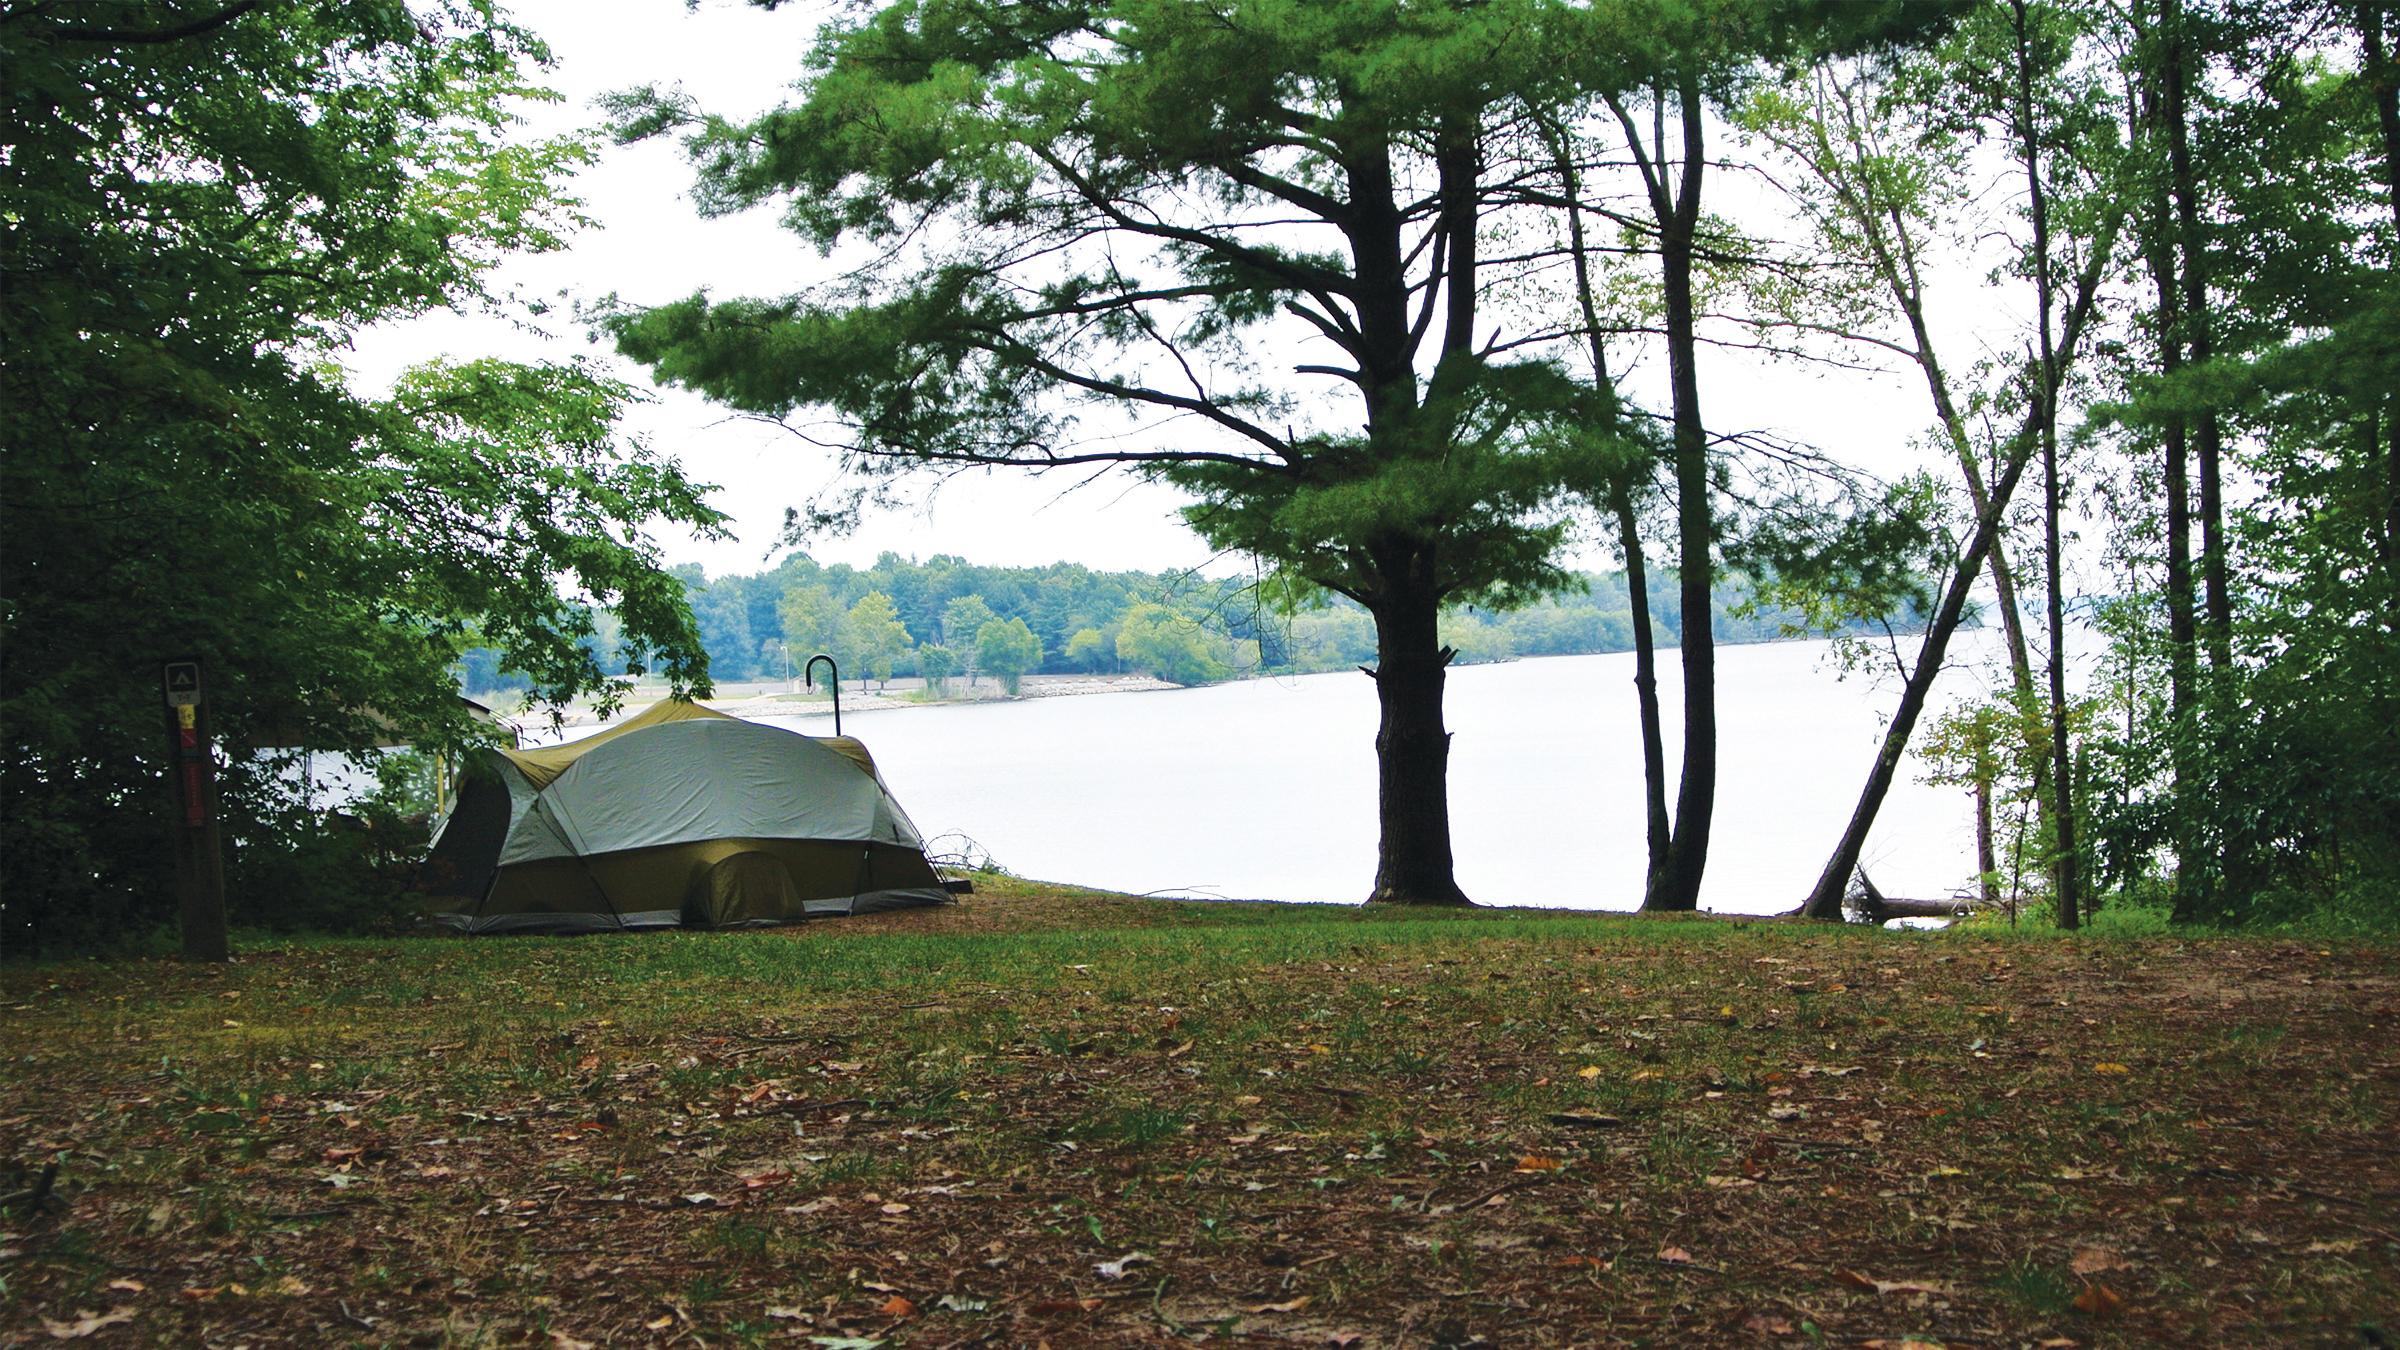 A Camp S Sandusky 02 xx tent